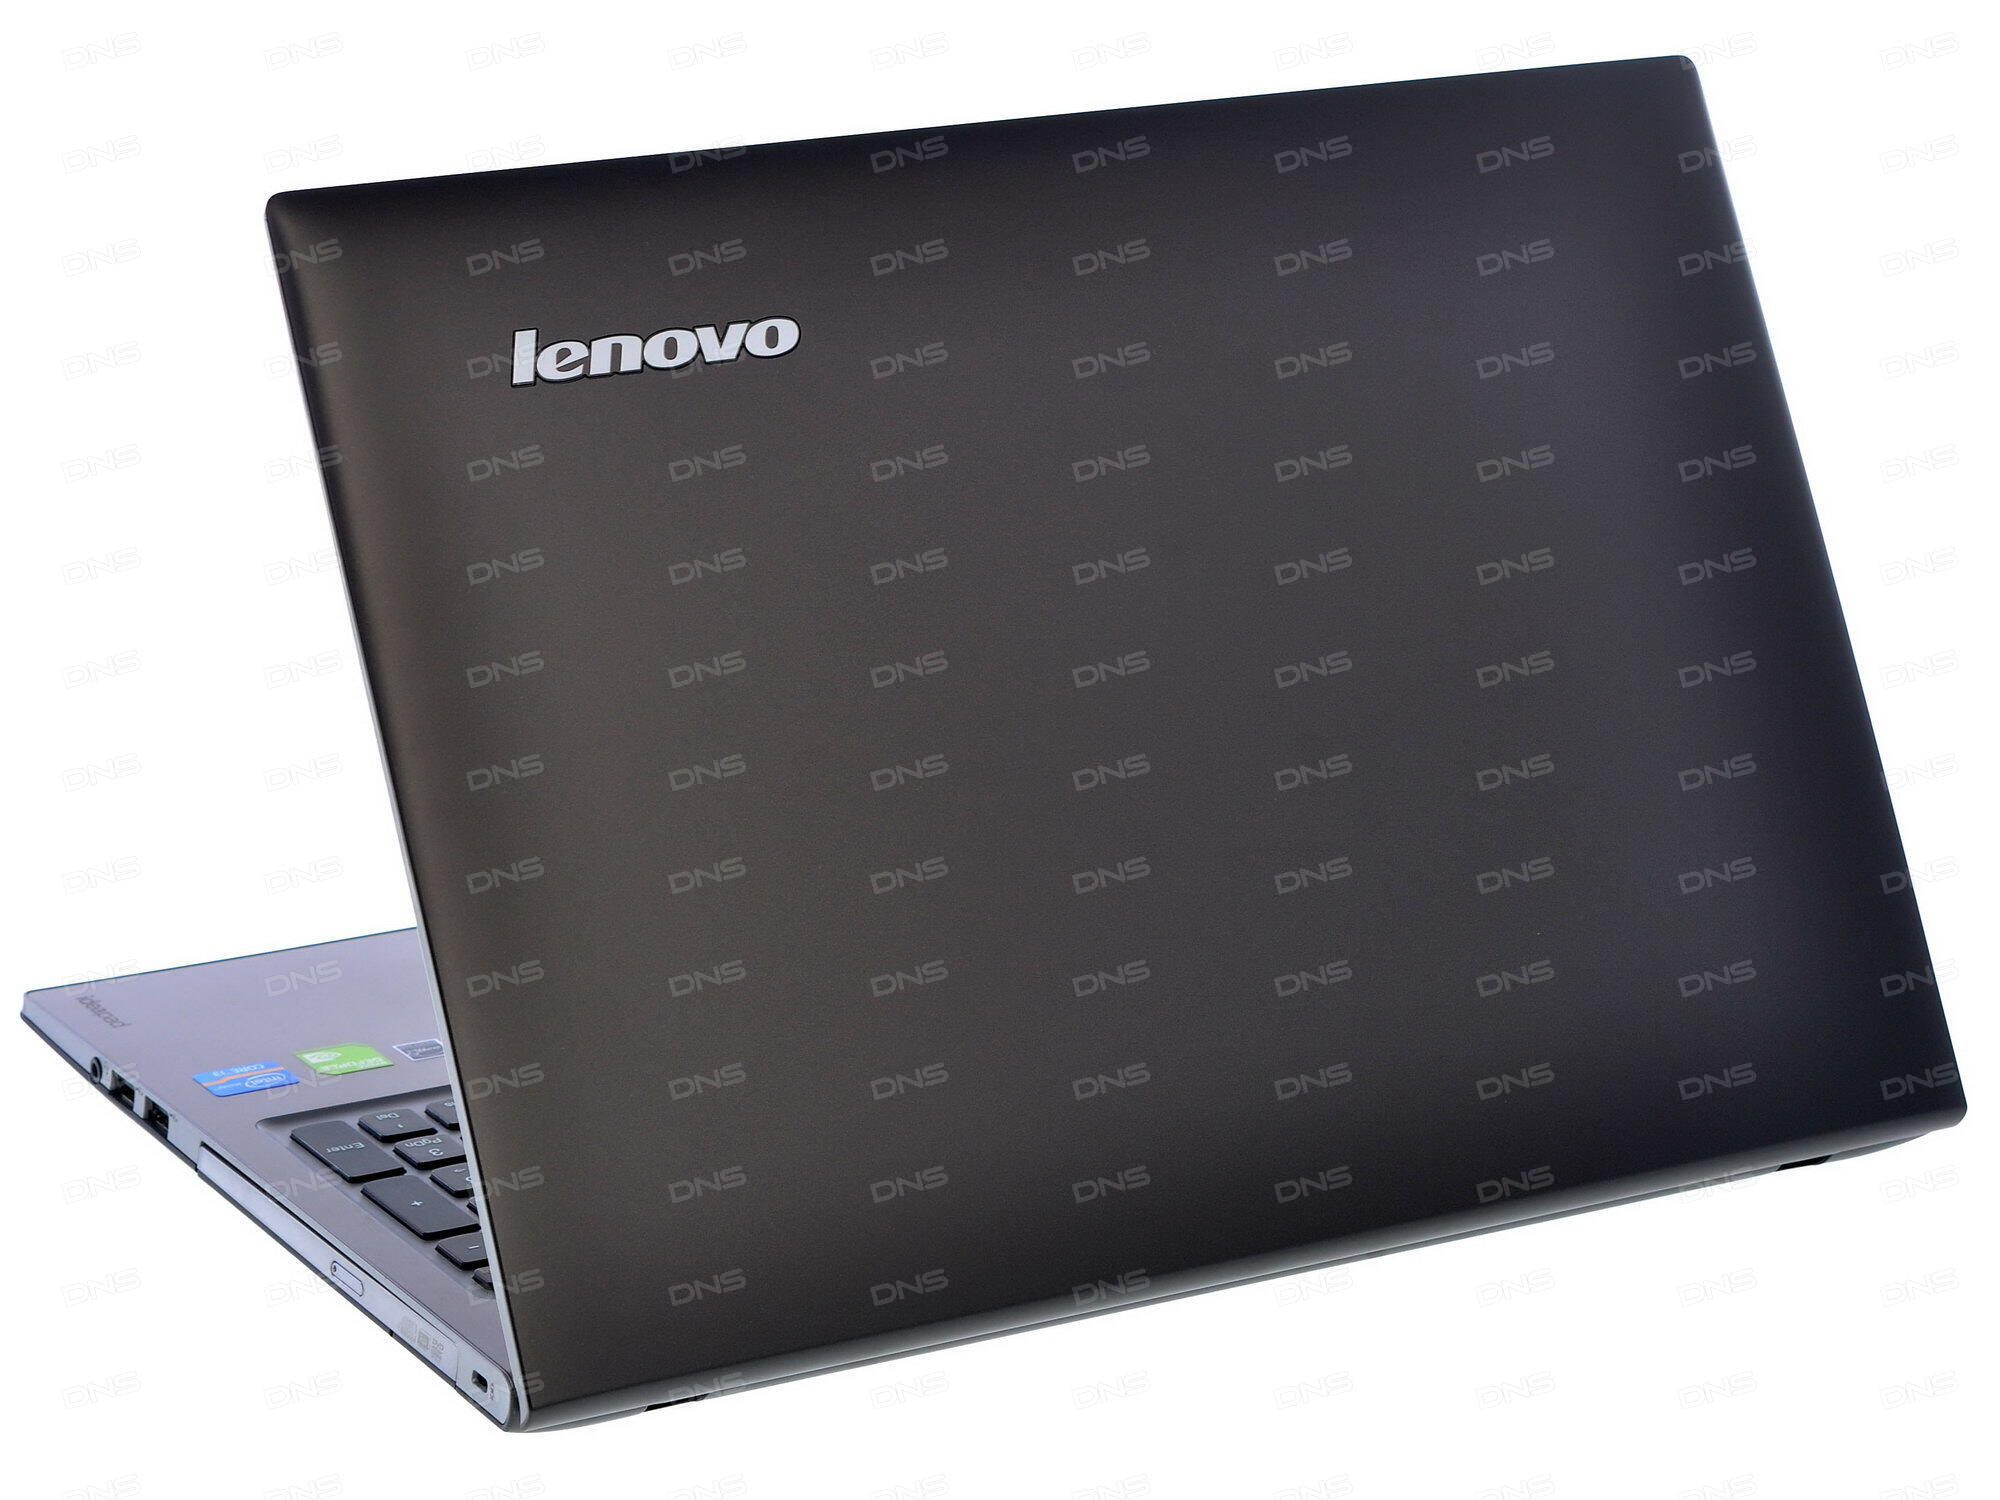 Почему не включается экран на ноутбуке леново